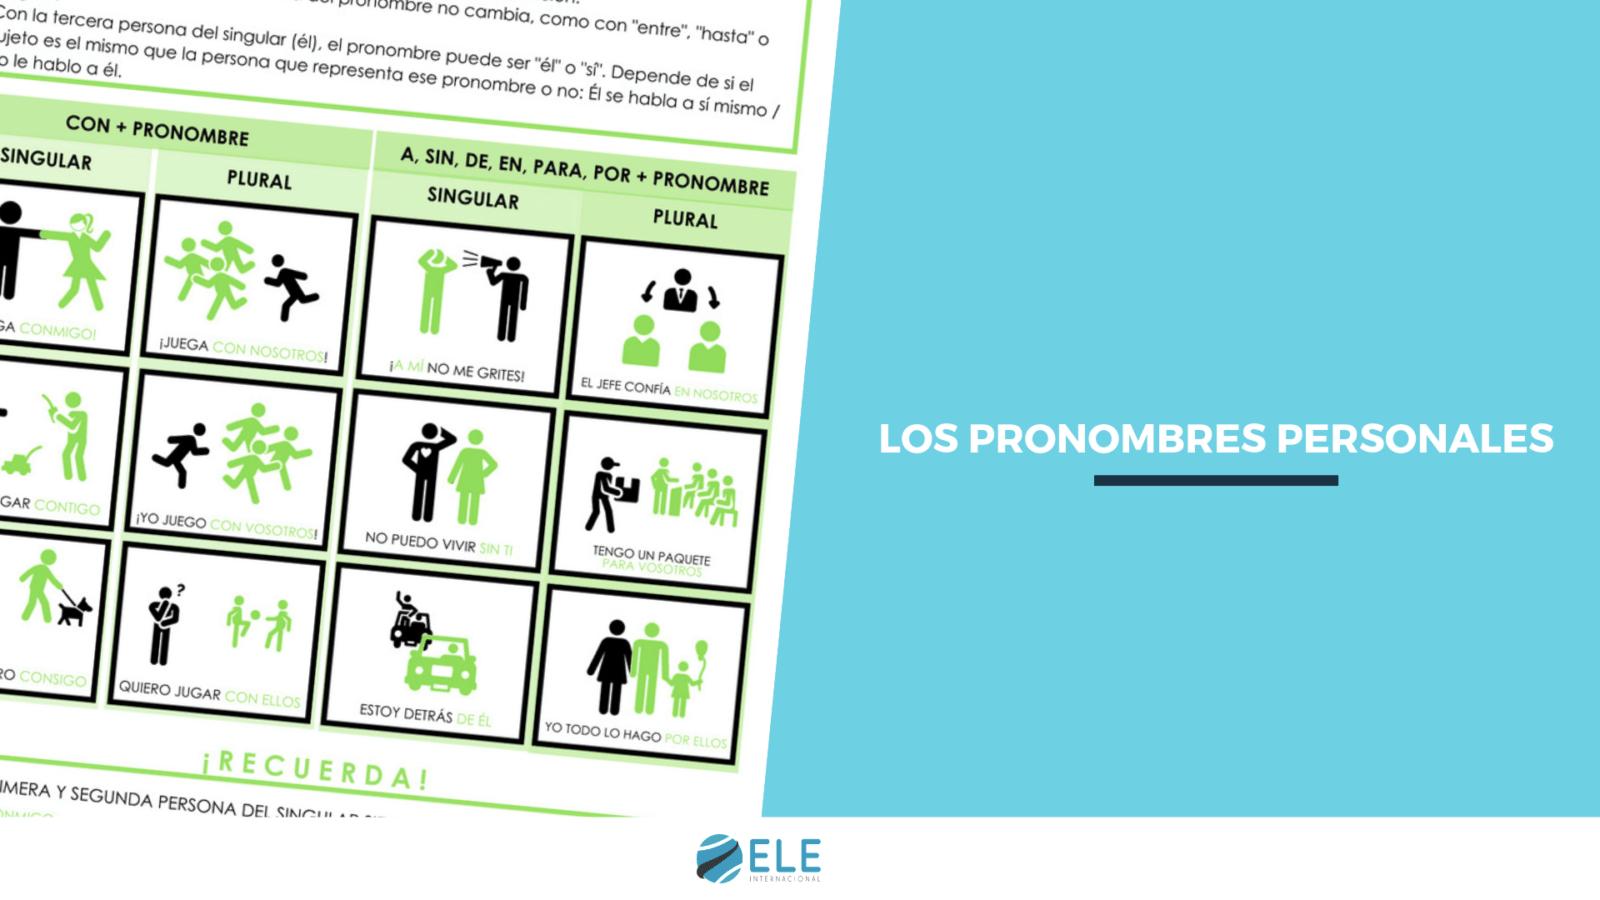 Fichas con pronombres personales en español para tus clases de ELE. #spanishteacher #classroom